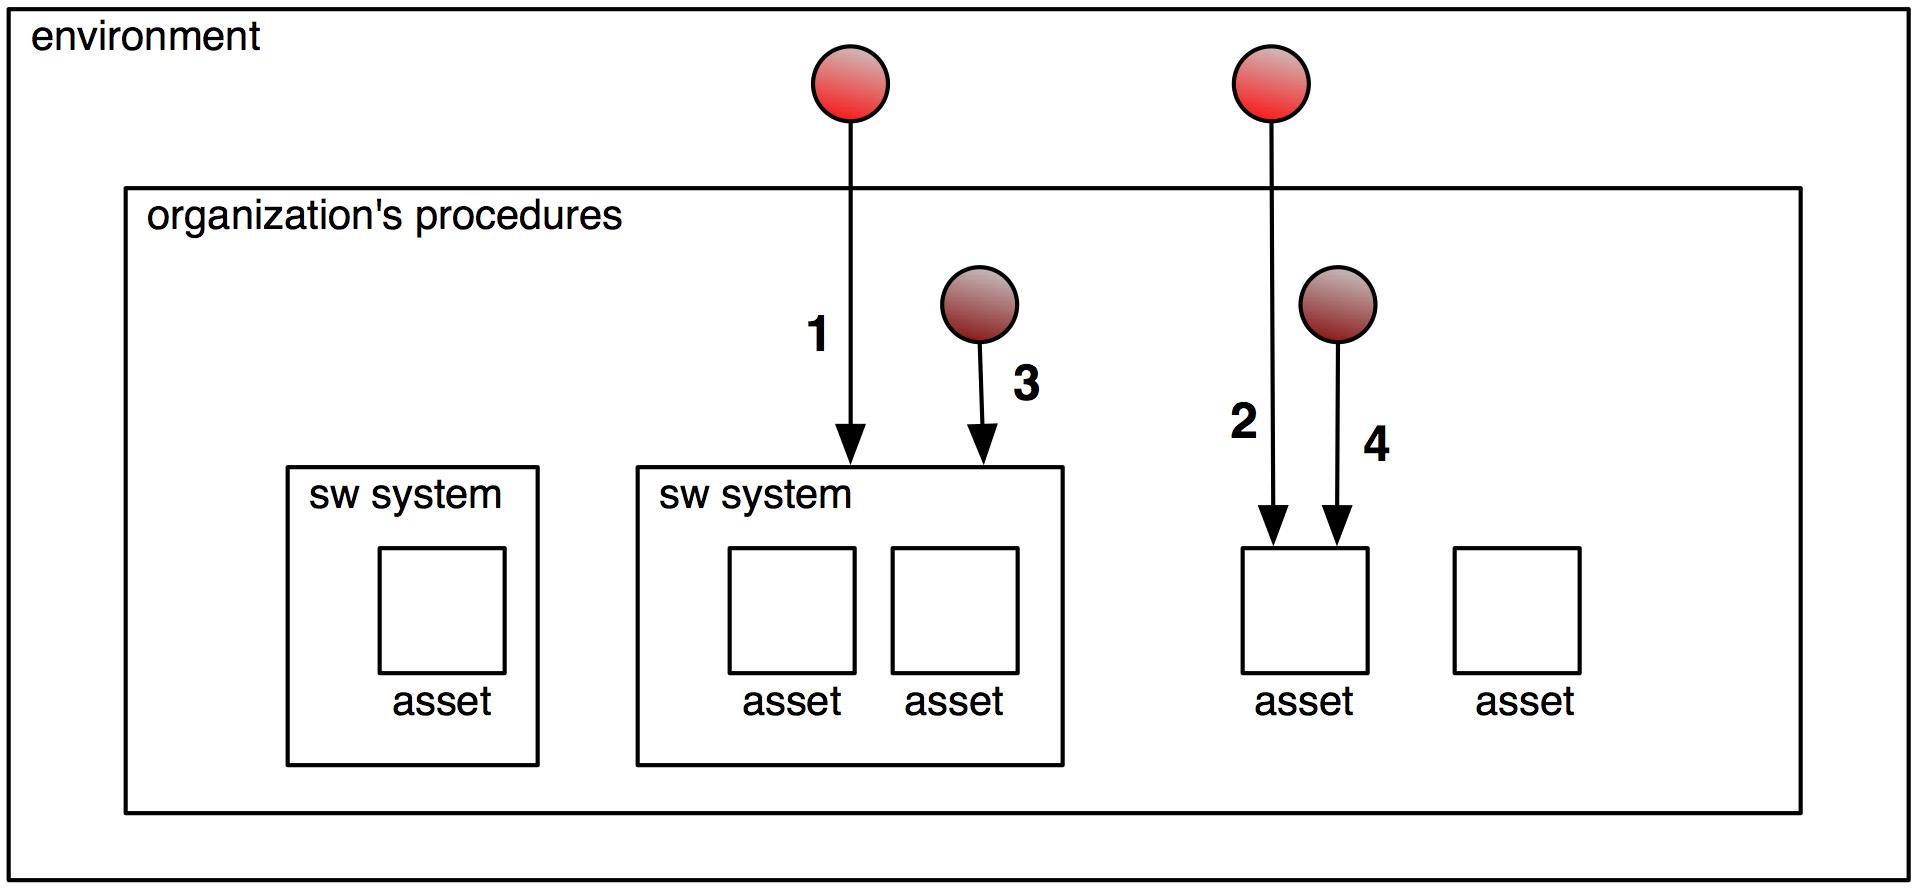 procedural security analysis